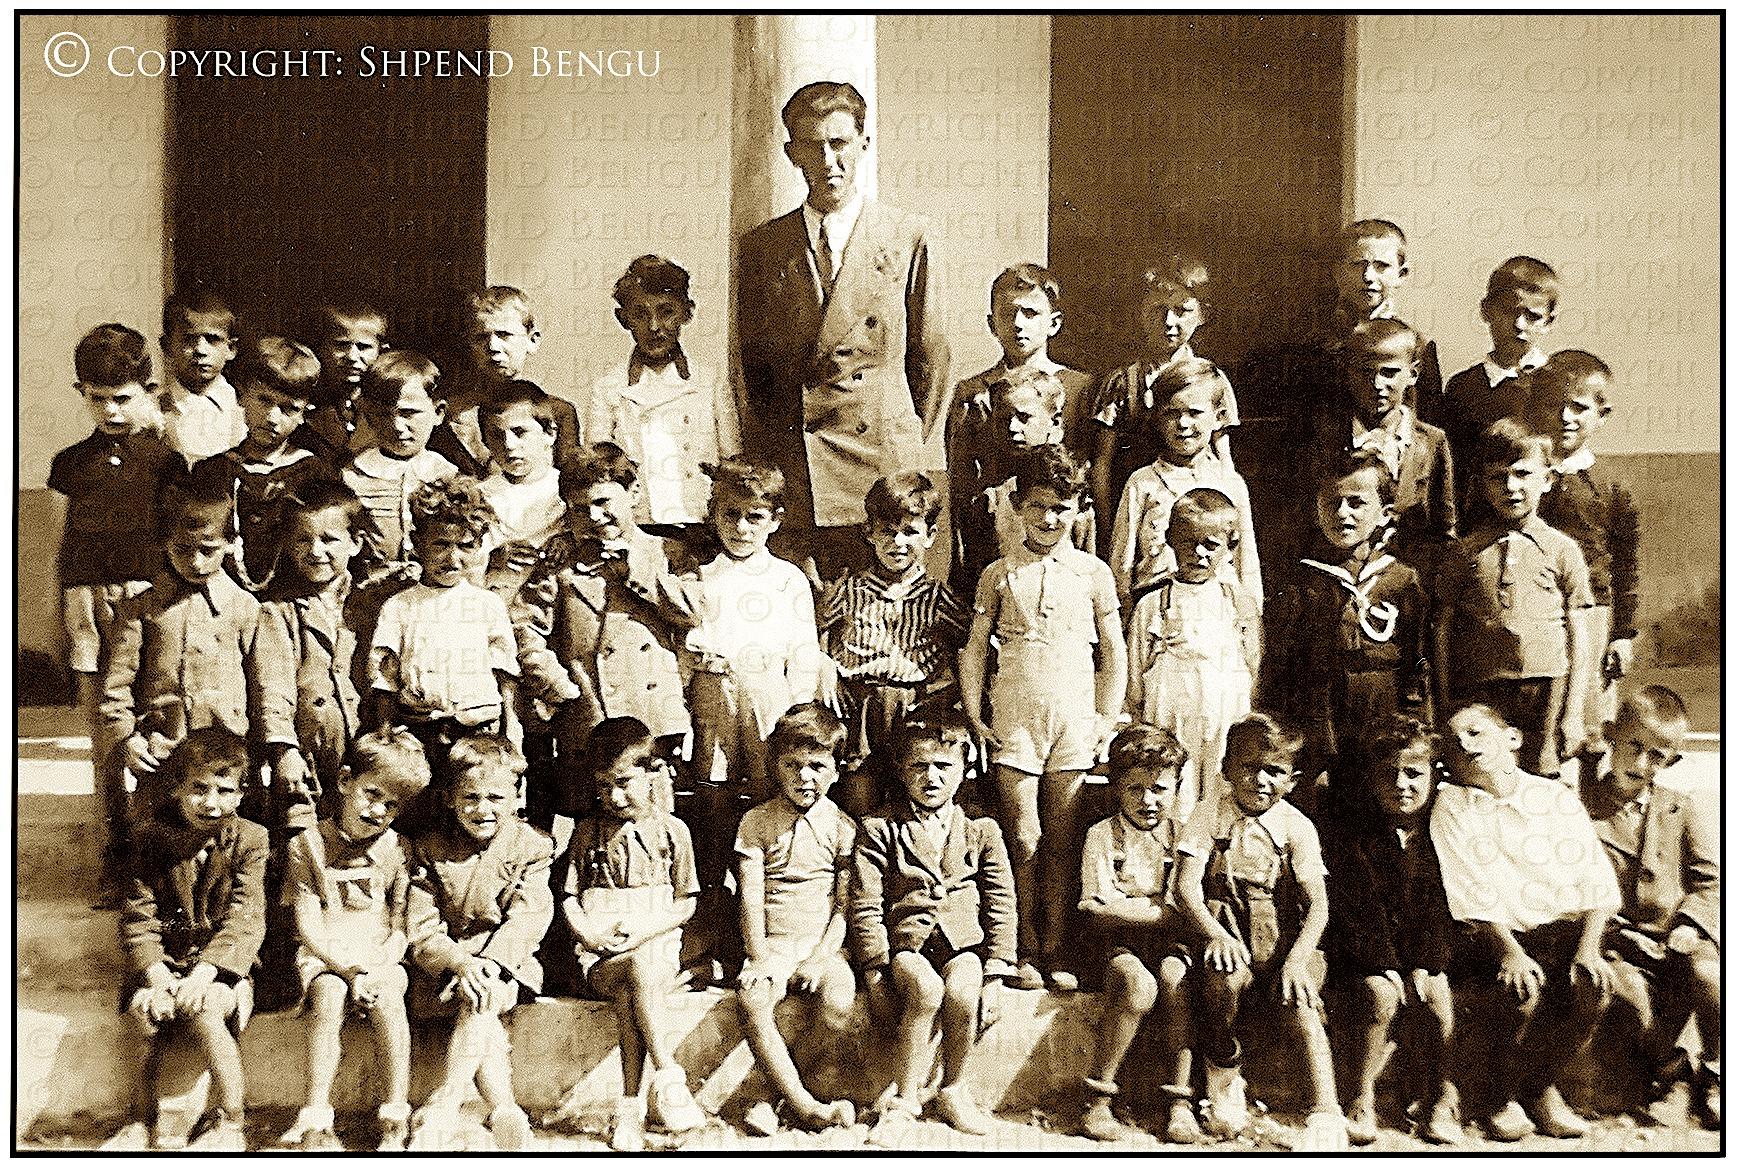 Prenkë Jakova dhe nxënësit e tij - Shkolla Françeskane - Shkodër 1944 (foto Shpend Bengu)